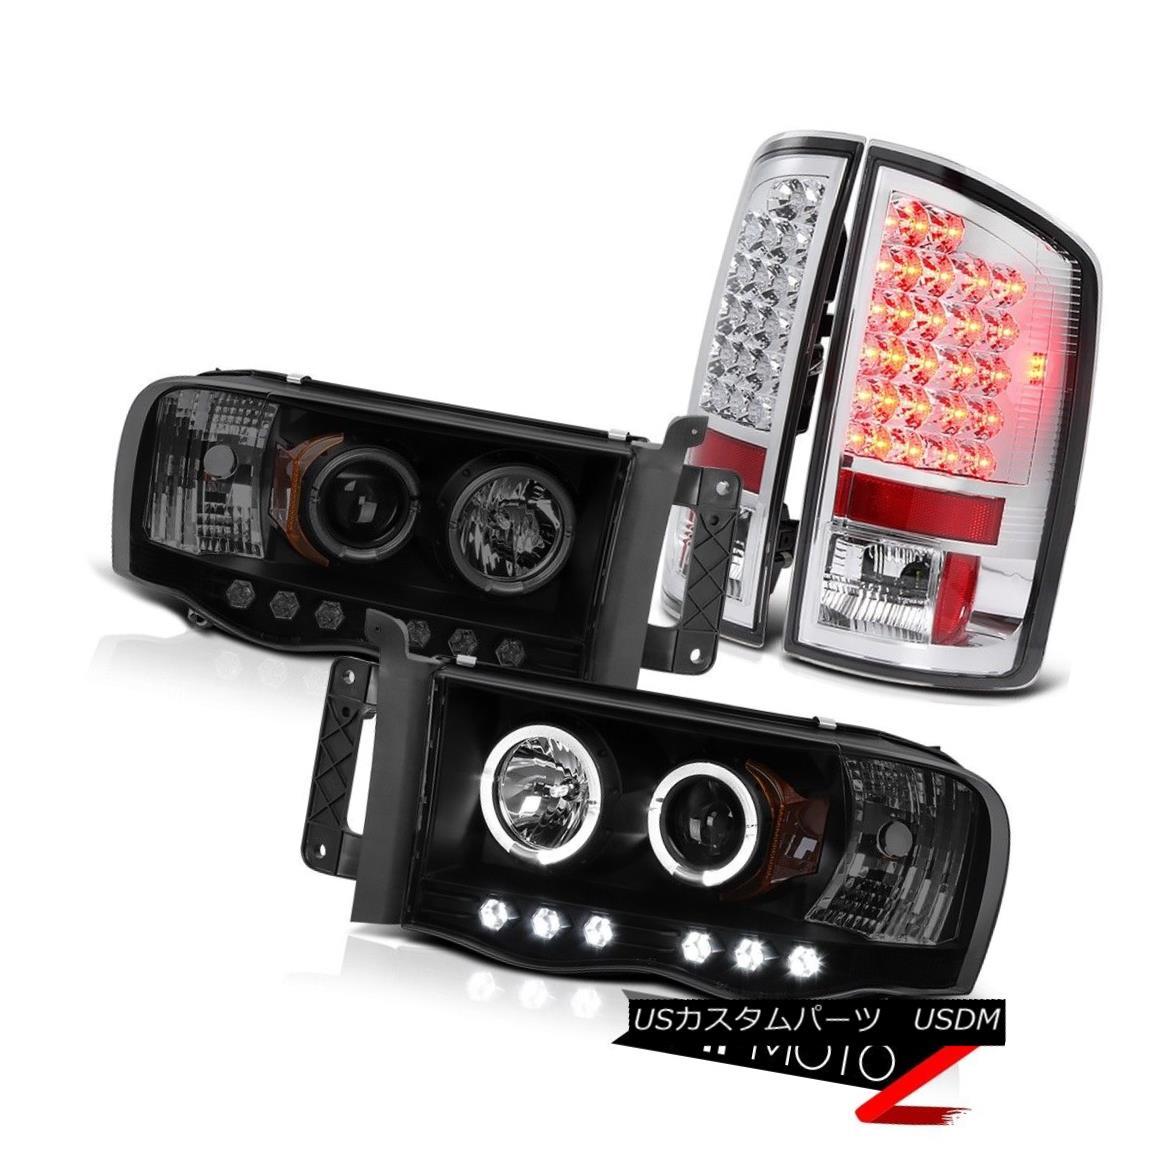 ヘッドライト 02 03 04 05 Ram PowerTech WS Sinister Black LIMITED Halo Headlight Tail Lights 02 03 04 05 Ram PowerTech WS Sinister BlackリミテッドHaloヘッドライトテールライト